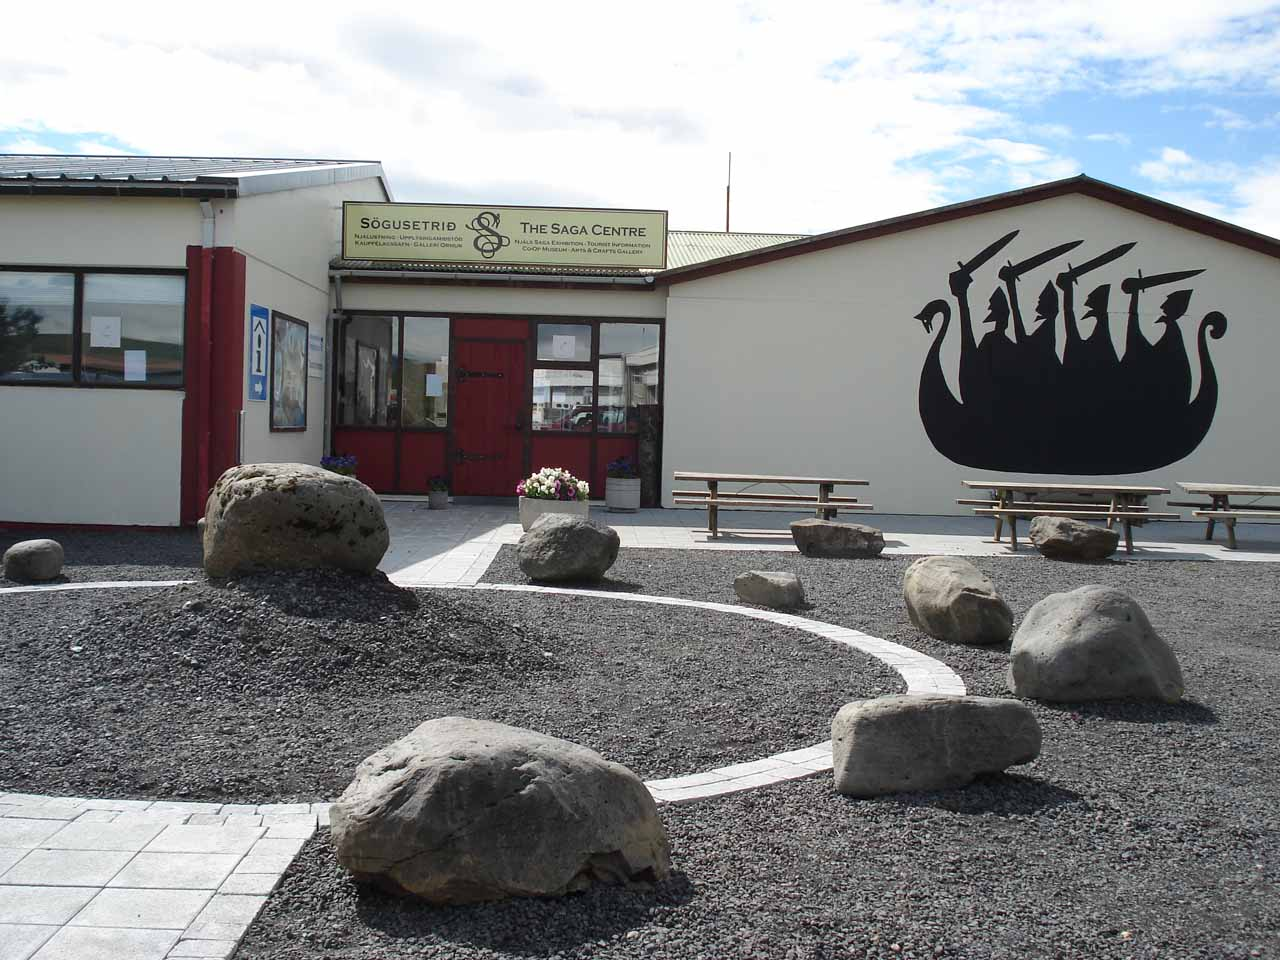 The Saga Centre